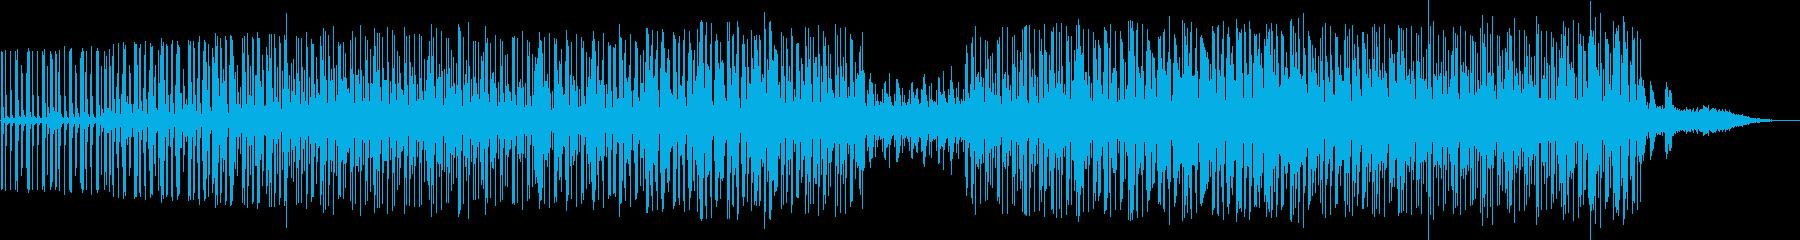 劇伴 シーンを盛り上げるミニマルテクノの再生済みの波形